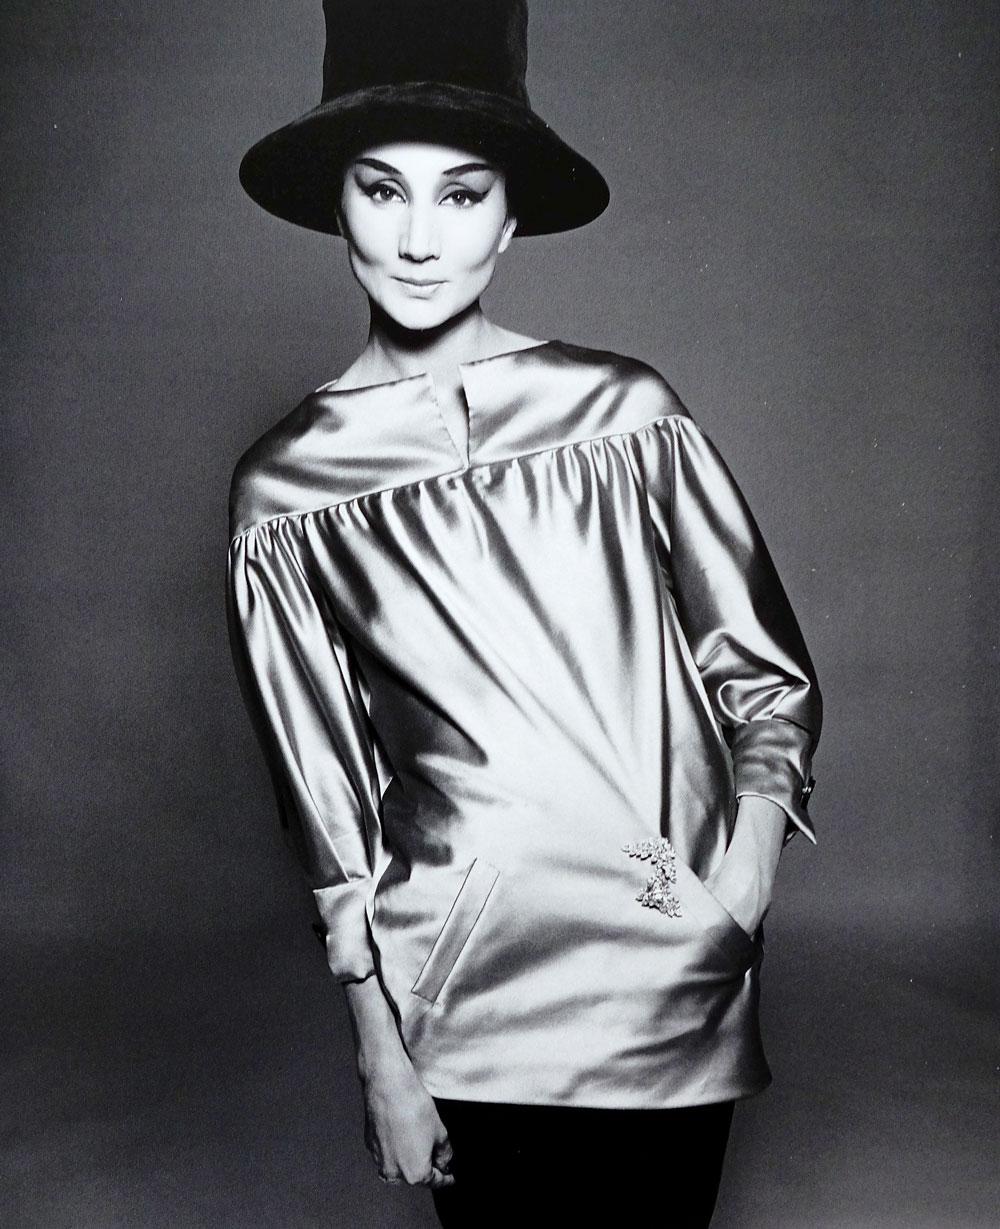 Yves Saint Laurent blouse in Women's Wear Daily July 1974